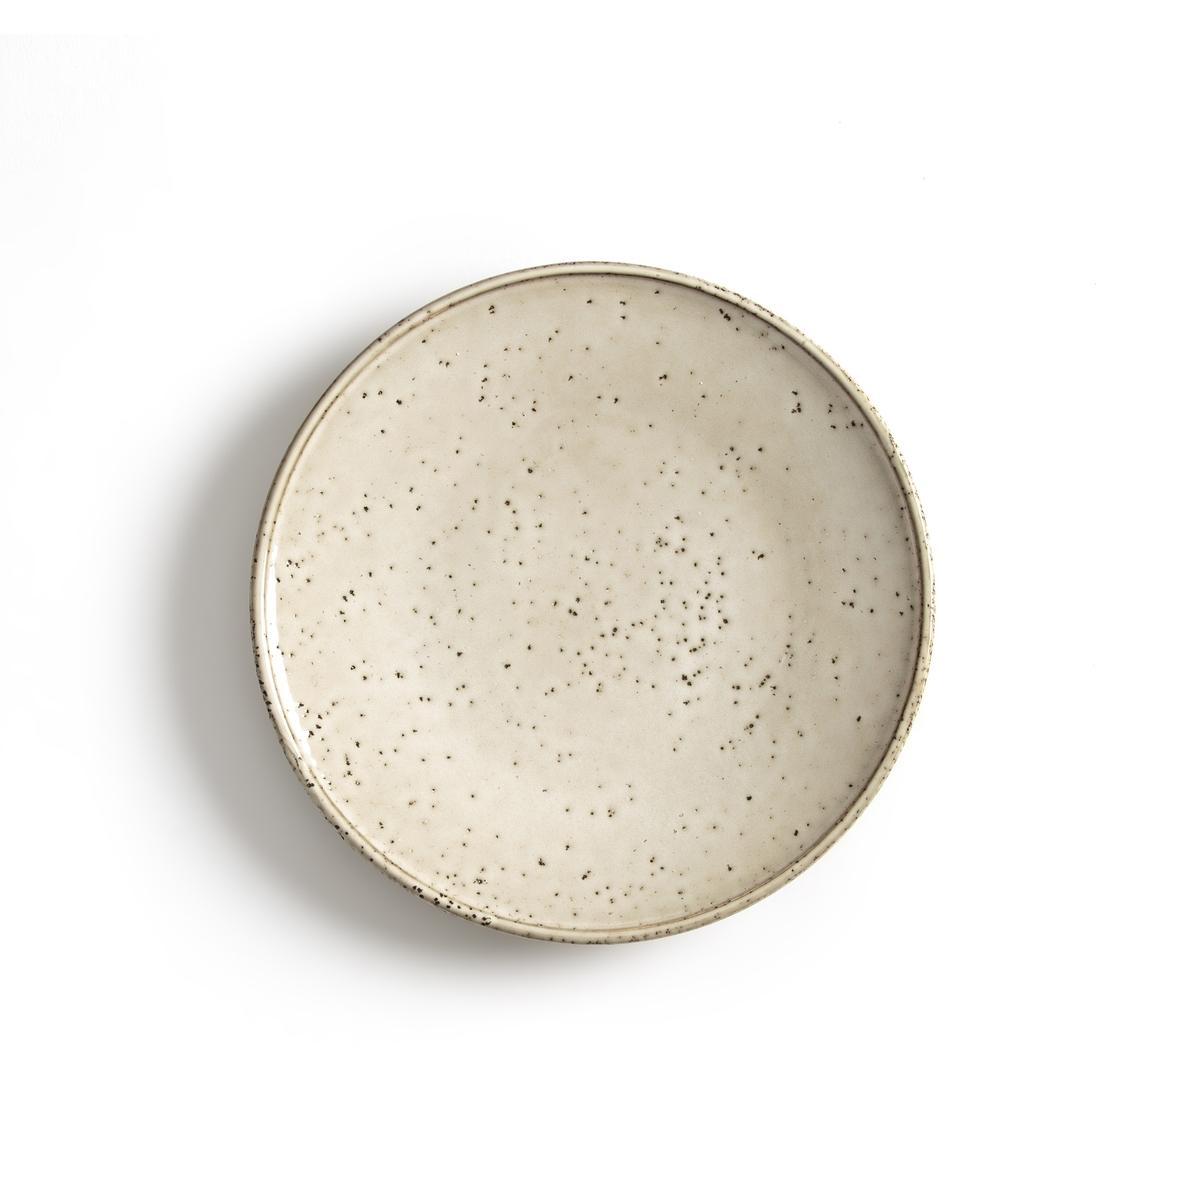 Комплект из 4 десертных тарелок из керамики, Olazhi комплект из 4 мелких тарелок из керамики olazhi